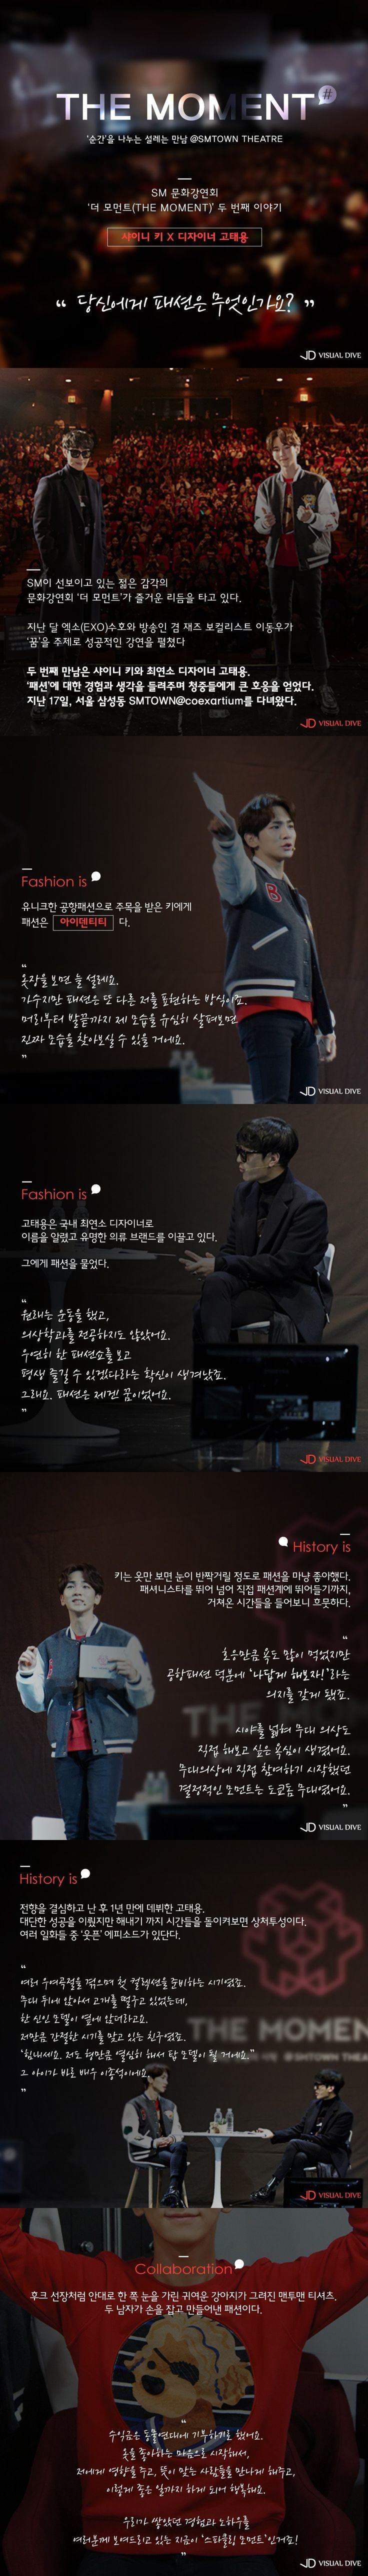 샤이니 키, '패션'과 함께 자란다 [카드뉴스] #SHINee / #Cardnews ⓒ 비주얼다이브 무단 복사·전재·재배포 금지